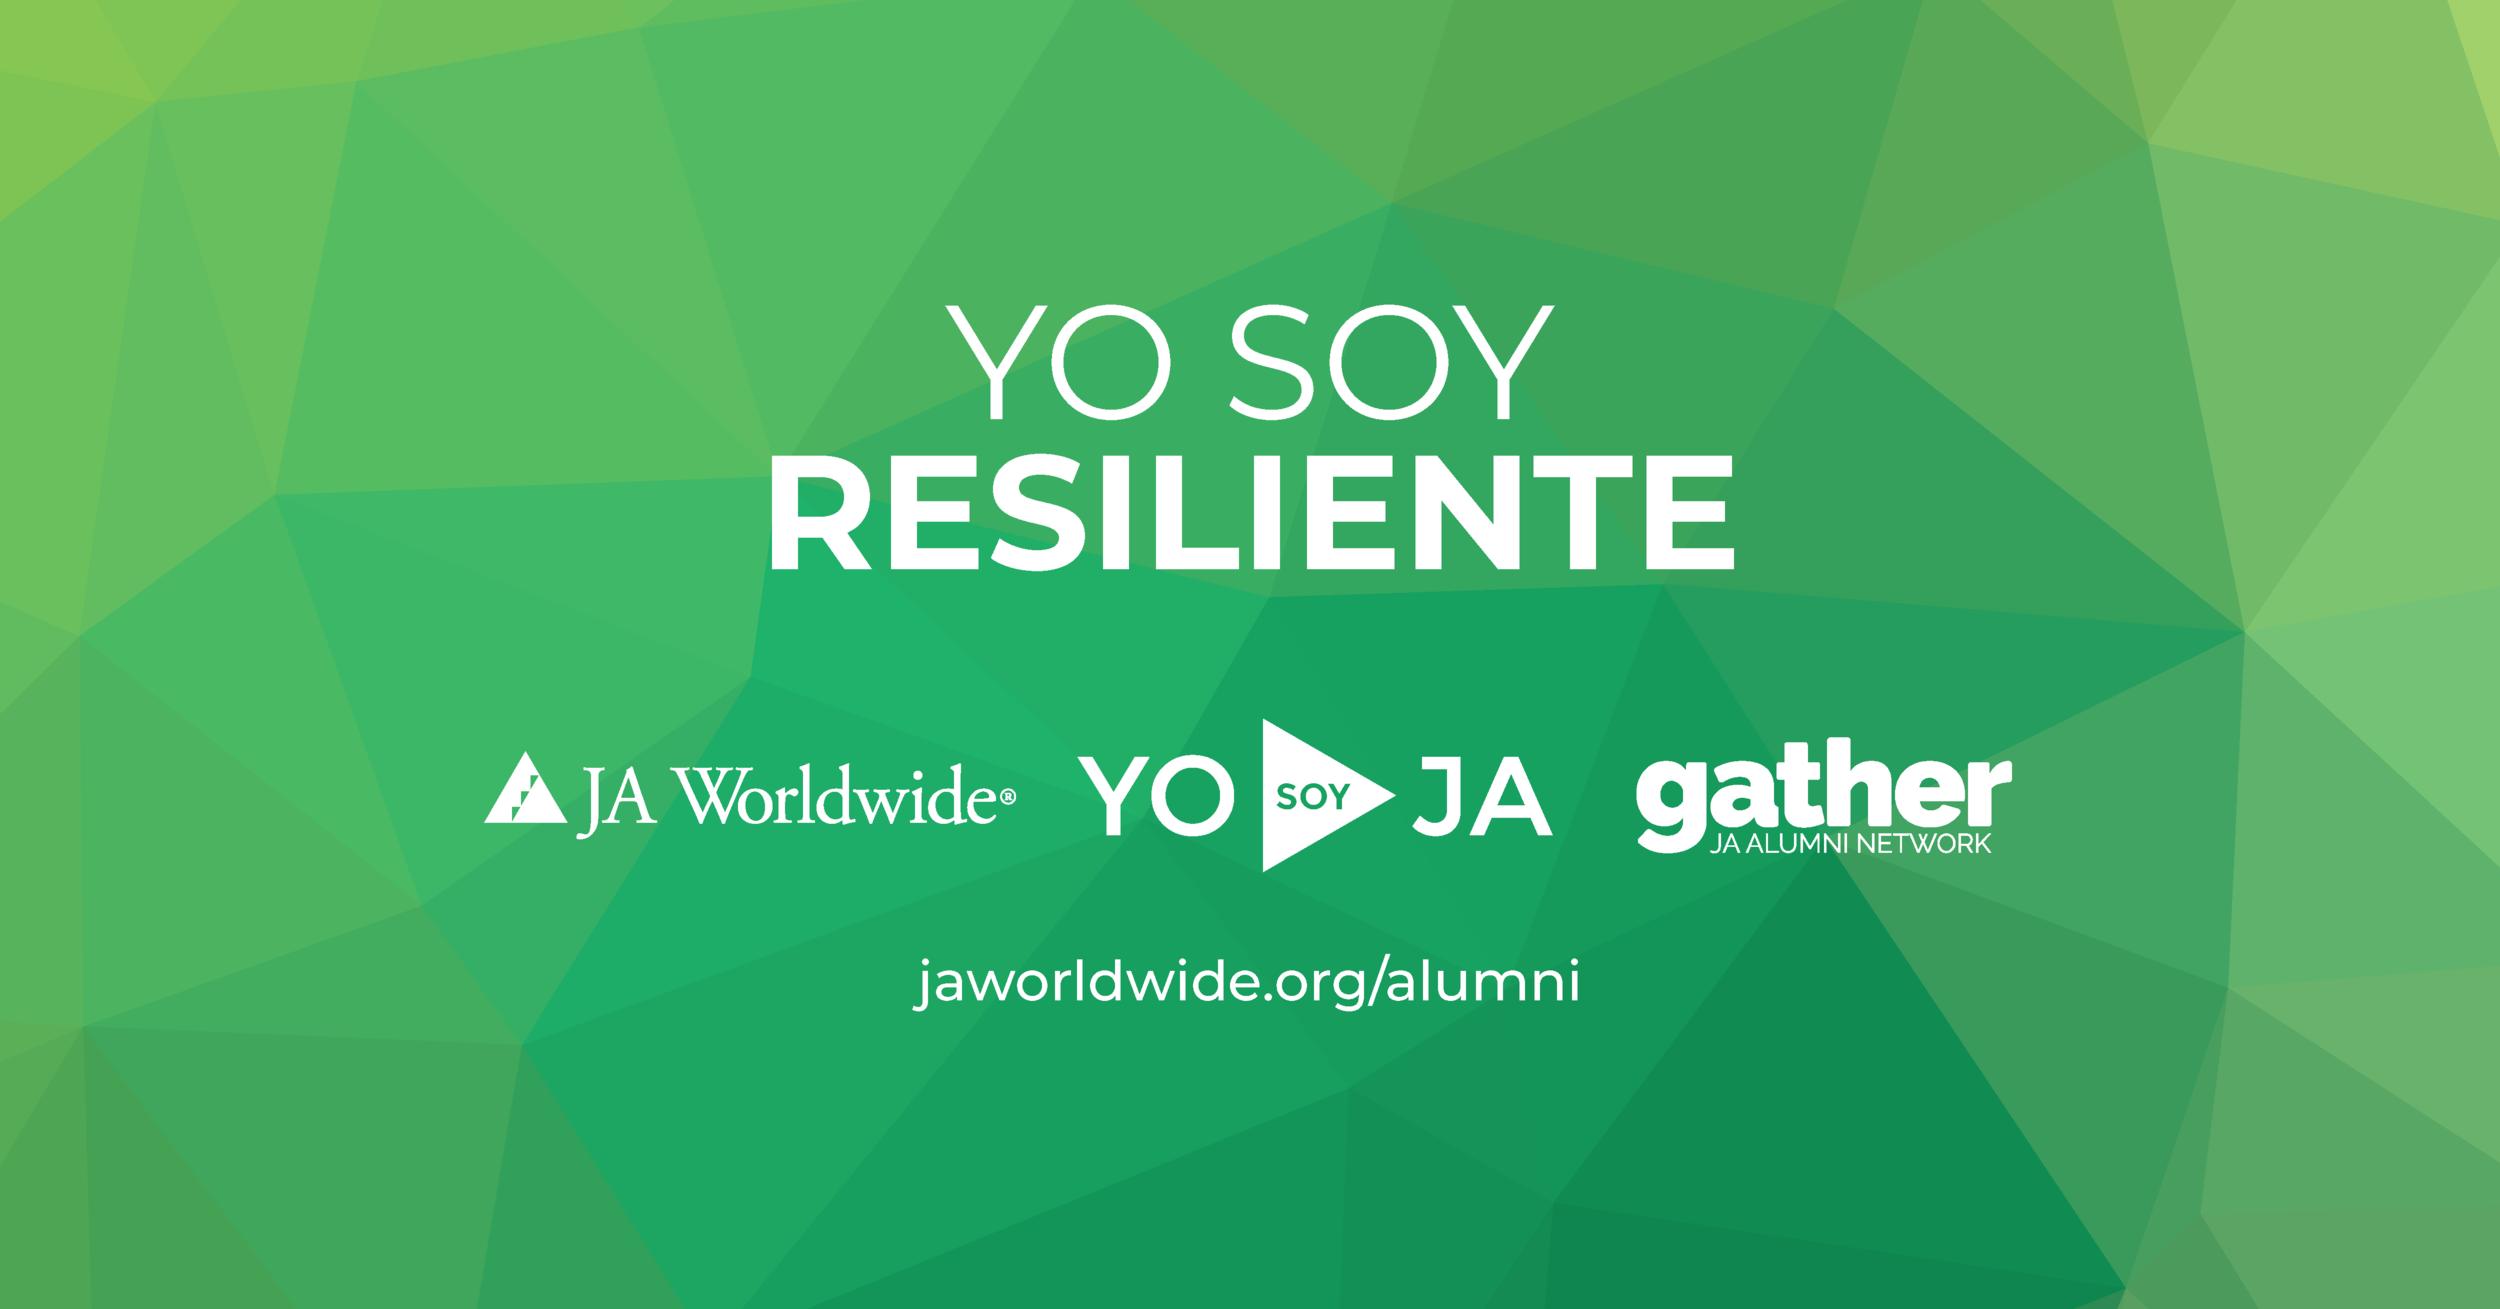 Yo soy resiliente-social post-horizontal.png